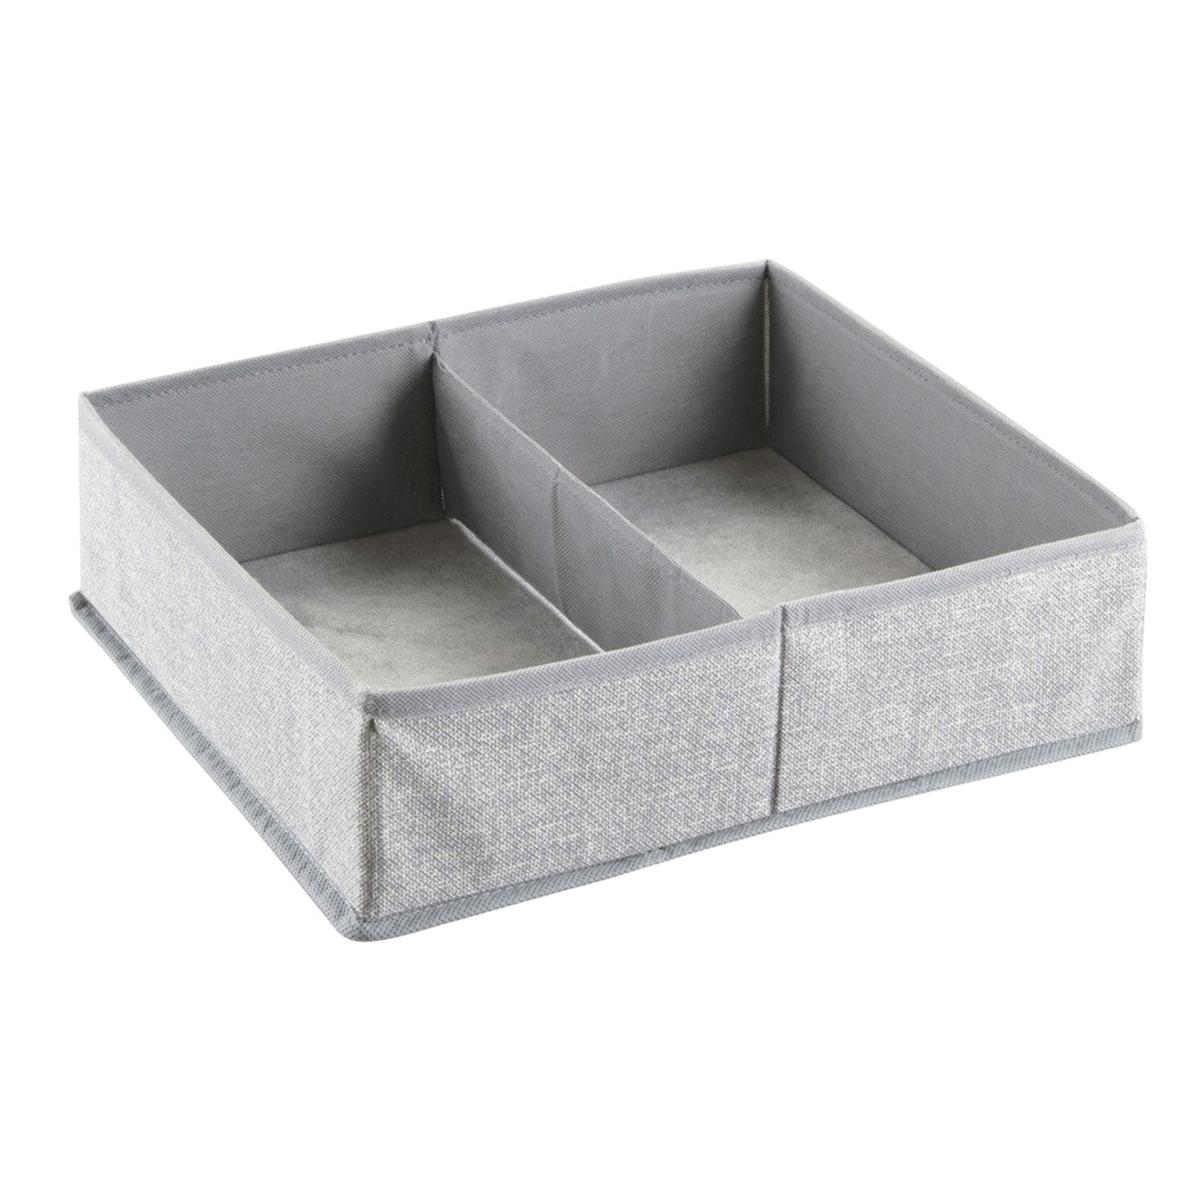 Latest taille m sparateur de tiroir with separateur tiroir for Separateur tiroir cuisine